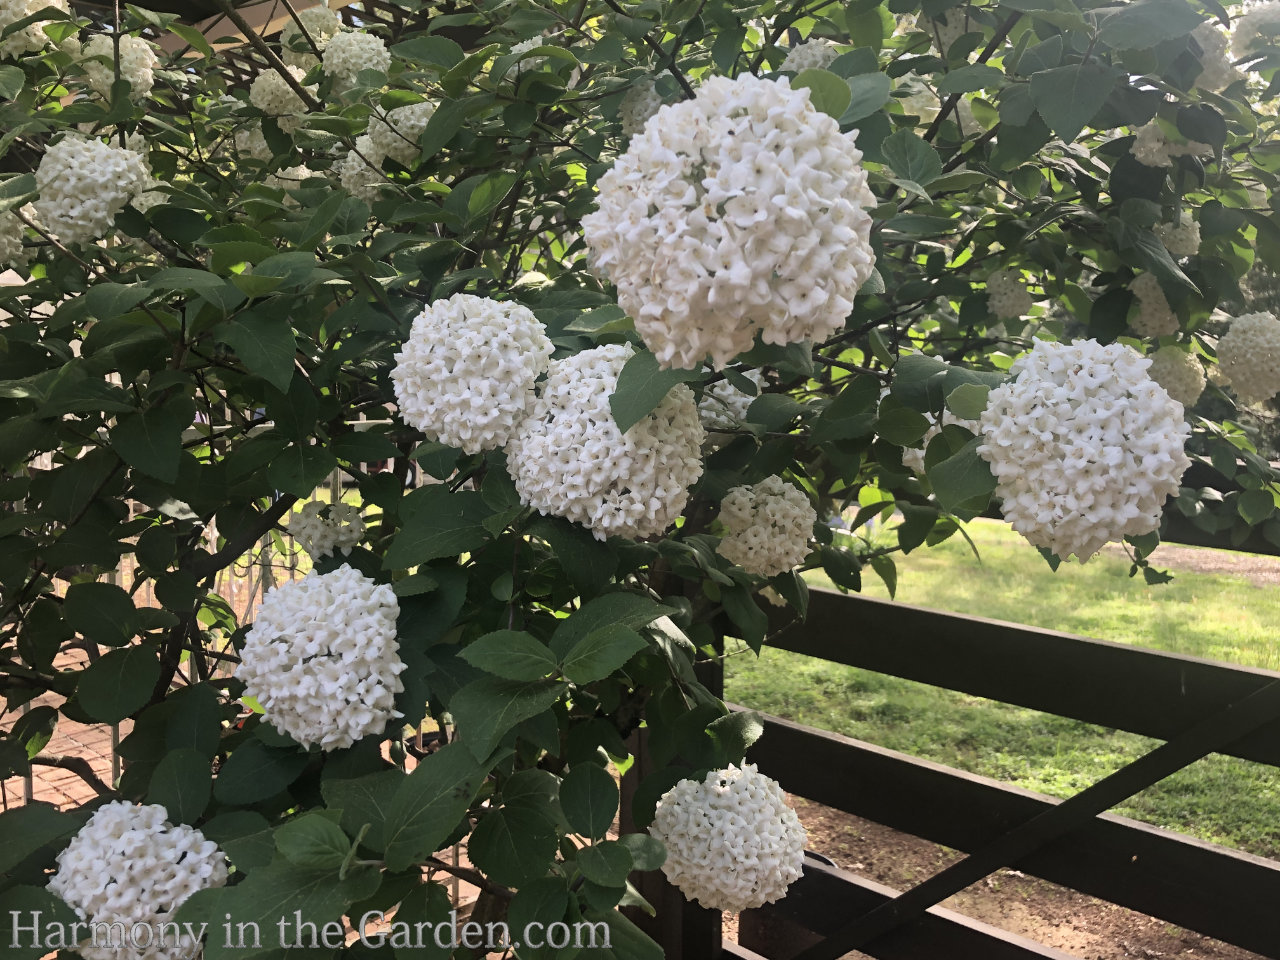 viburnum carlcephalum - scented viburnum